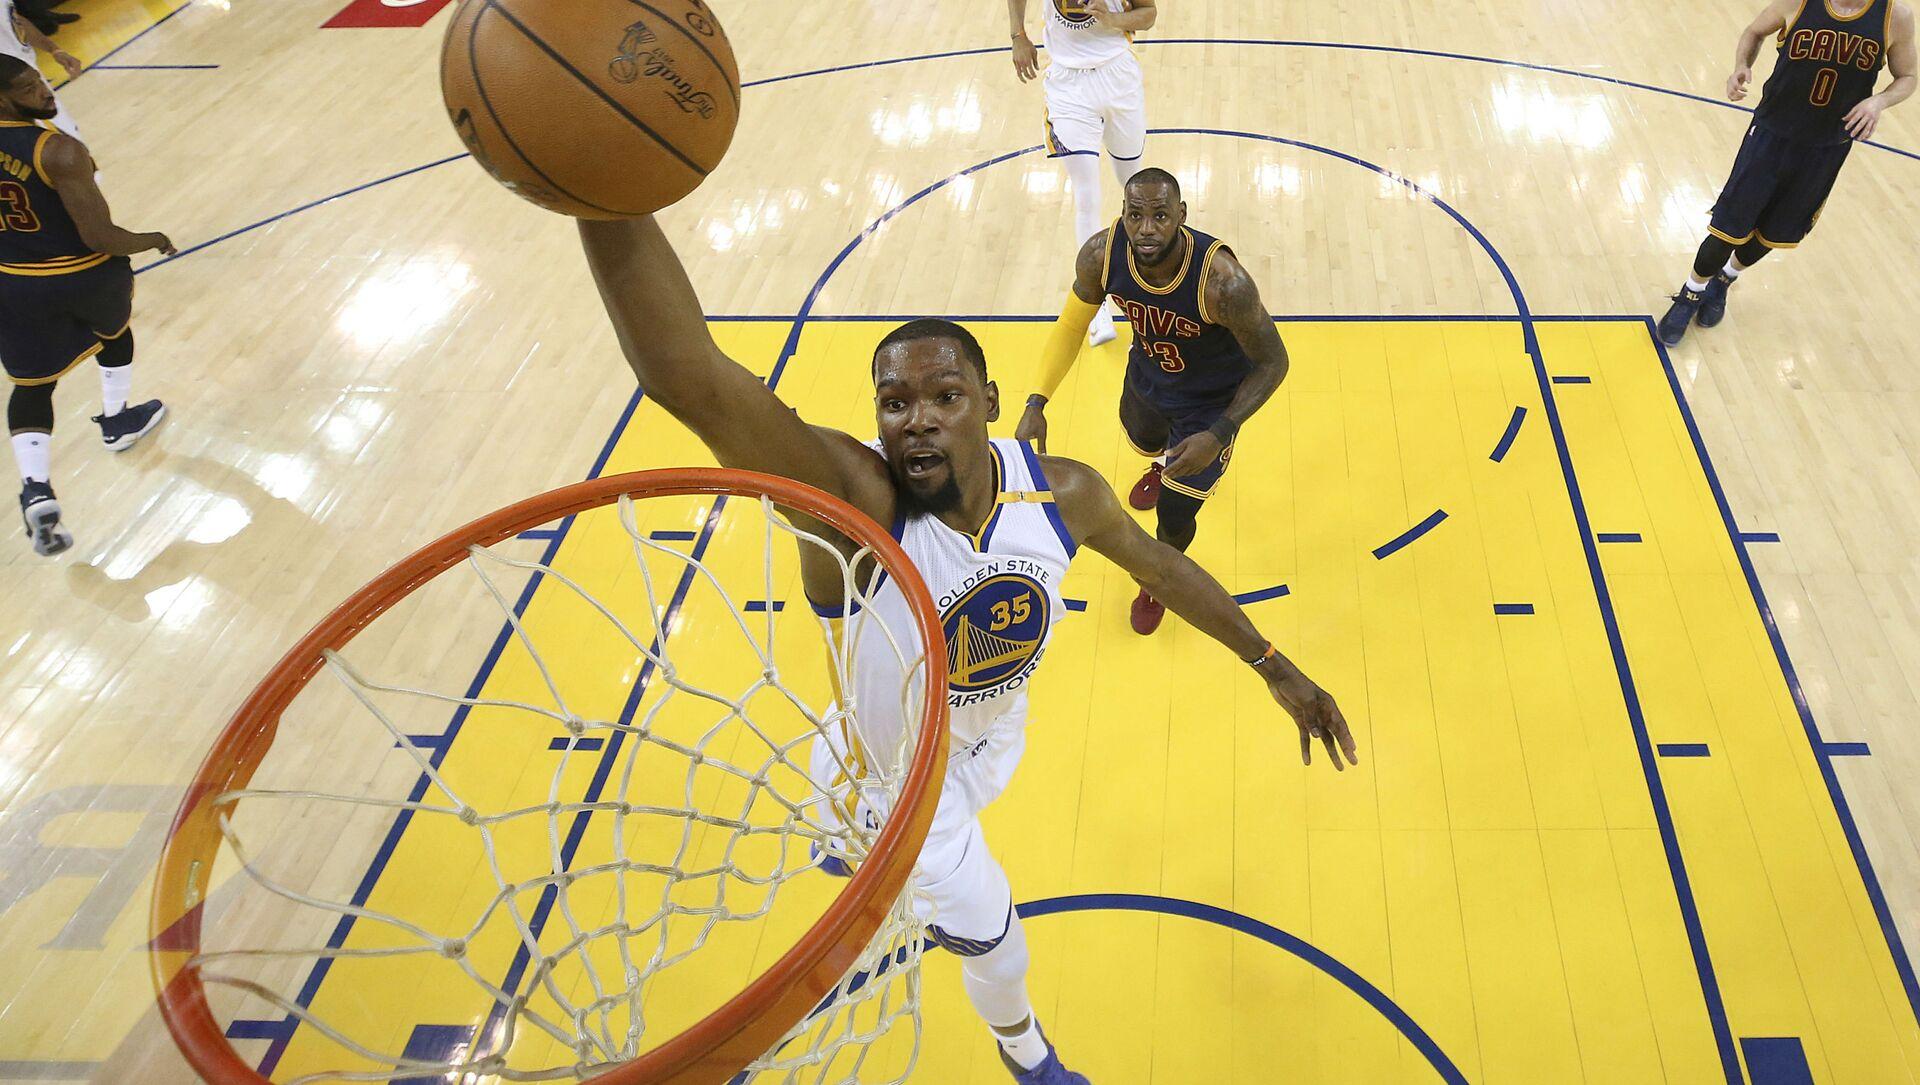 Cầu thủ bóng rổ chuyên nghiệp người Mỹ Kevin Durant, đang chơi cho Golden State Warriors và đội tuyển quốc gia Hoa Kỳ - Sputnik Việt Nam, 1920, 19.07.2021